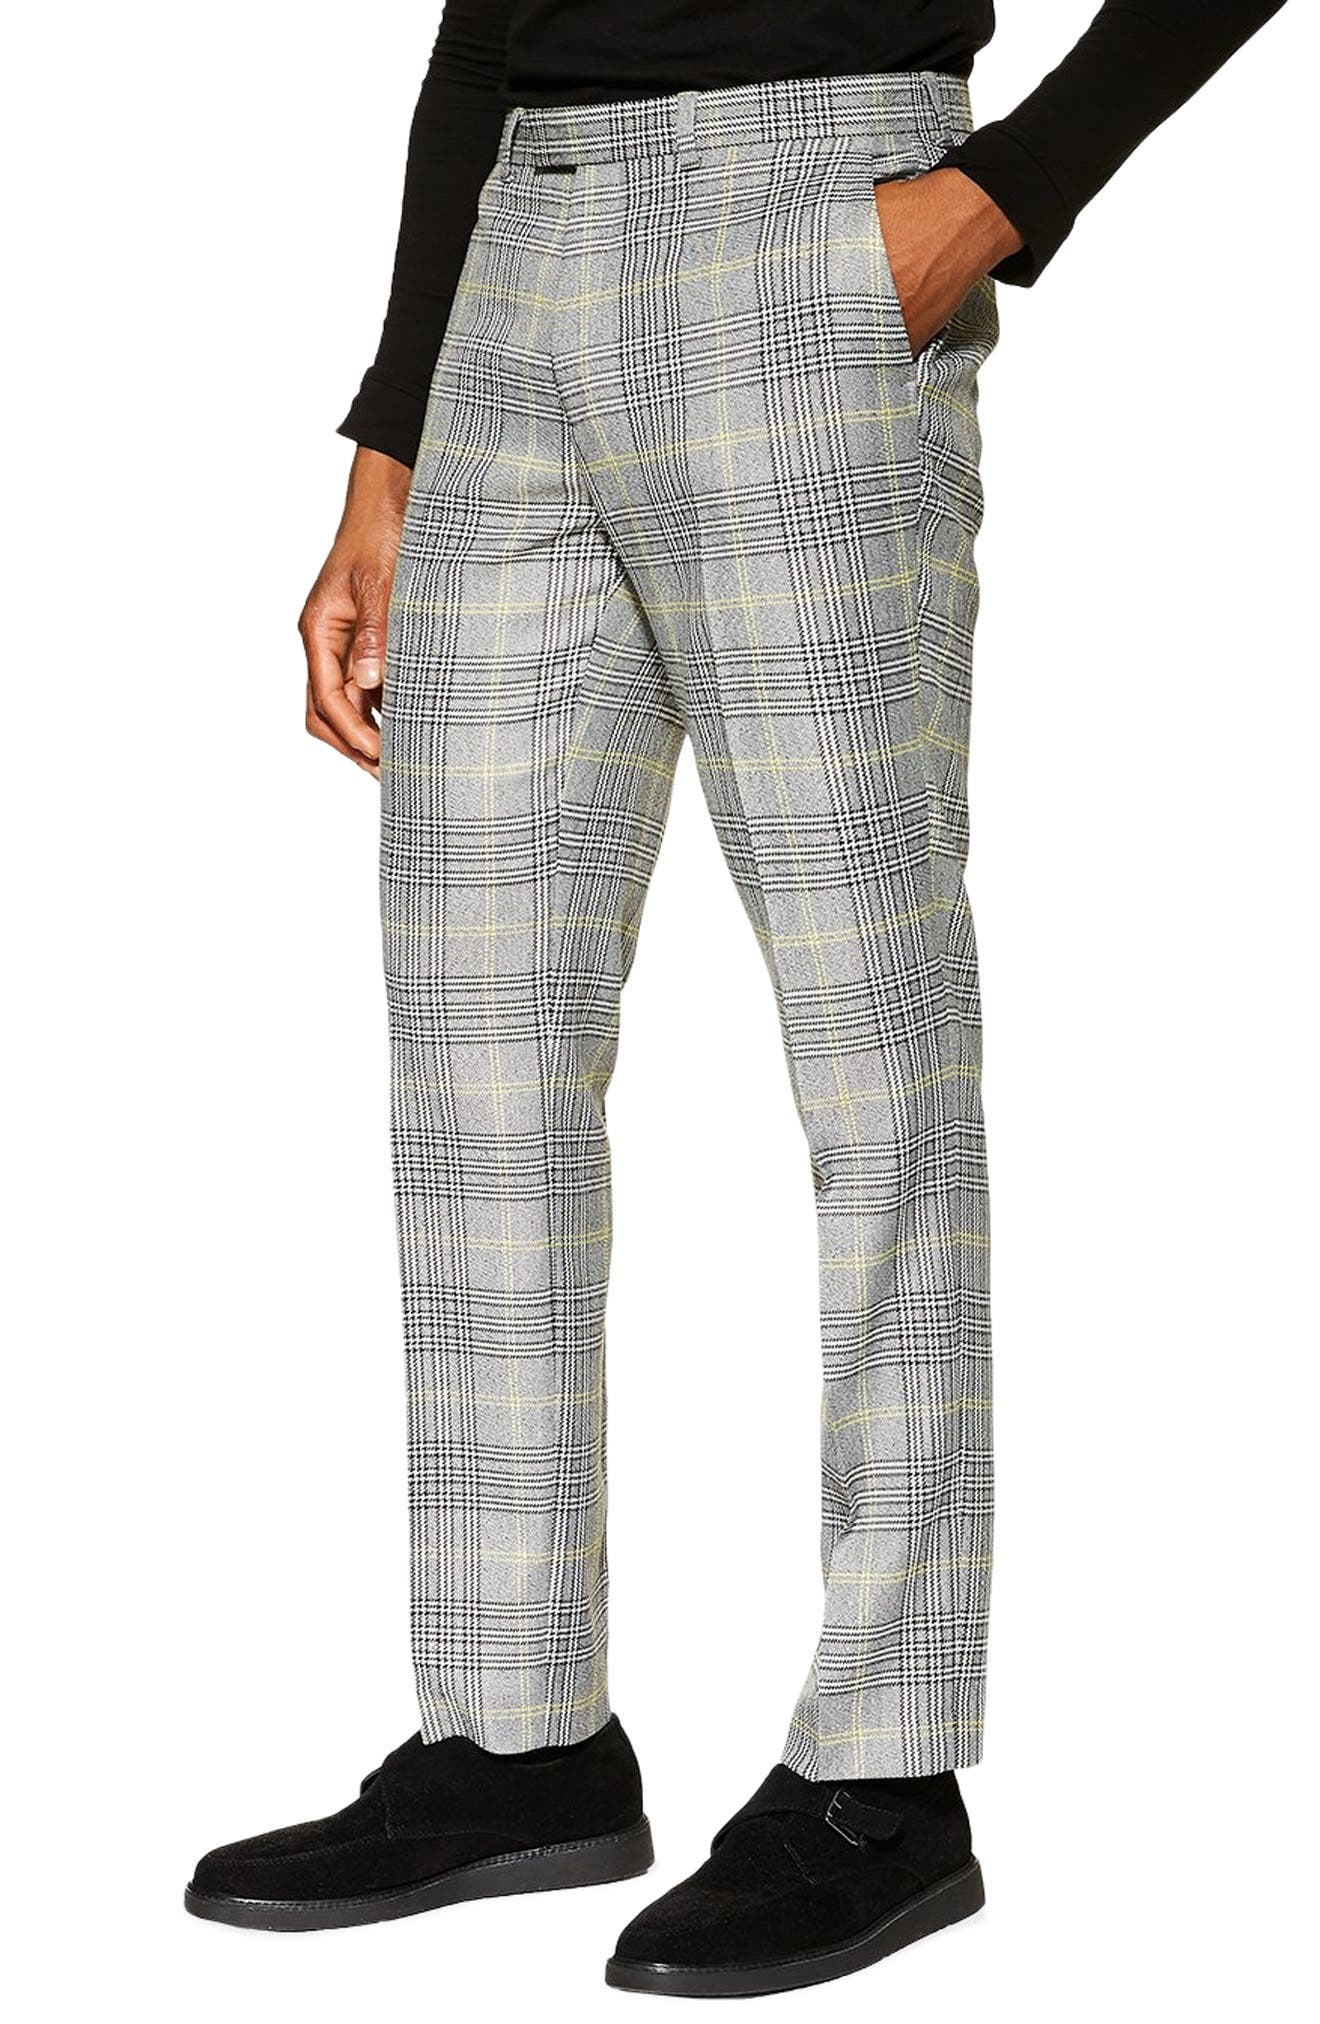 TOPMAN Check Slim Trousers, Main, color, GREY